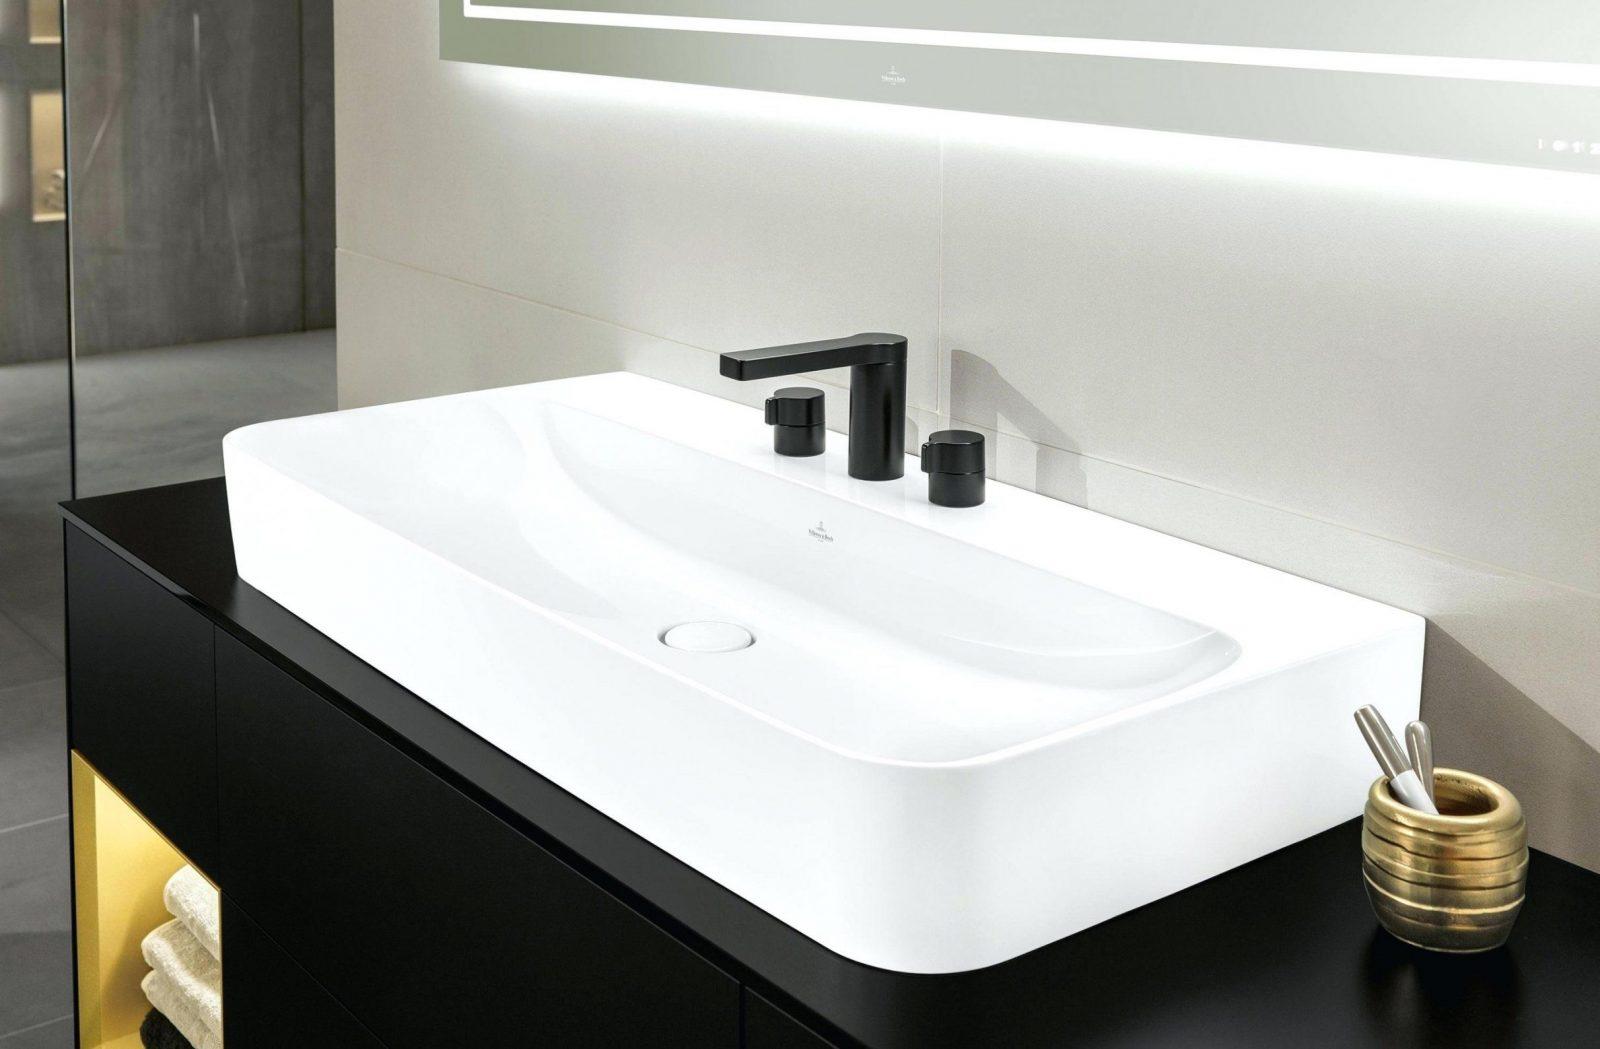 Elegant Doppeltes Waschbecken Einbau Rechteckig Keramik Venticello von Doppeltes Waschbecken Mit Unterschrank Photo